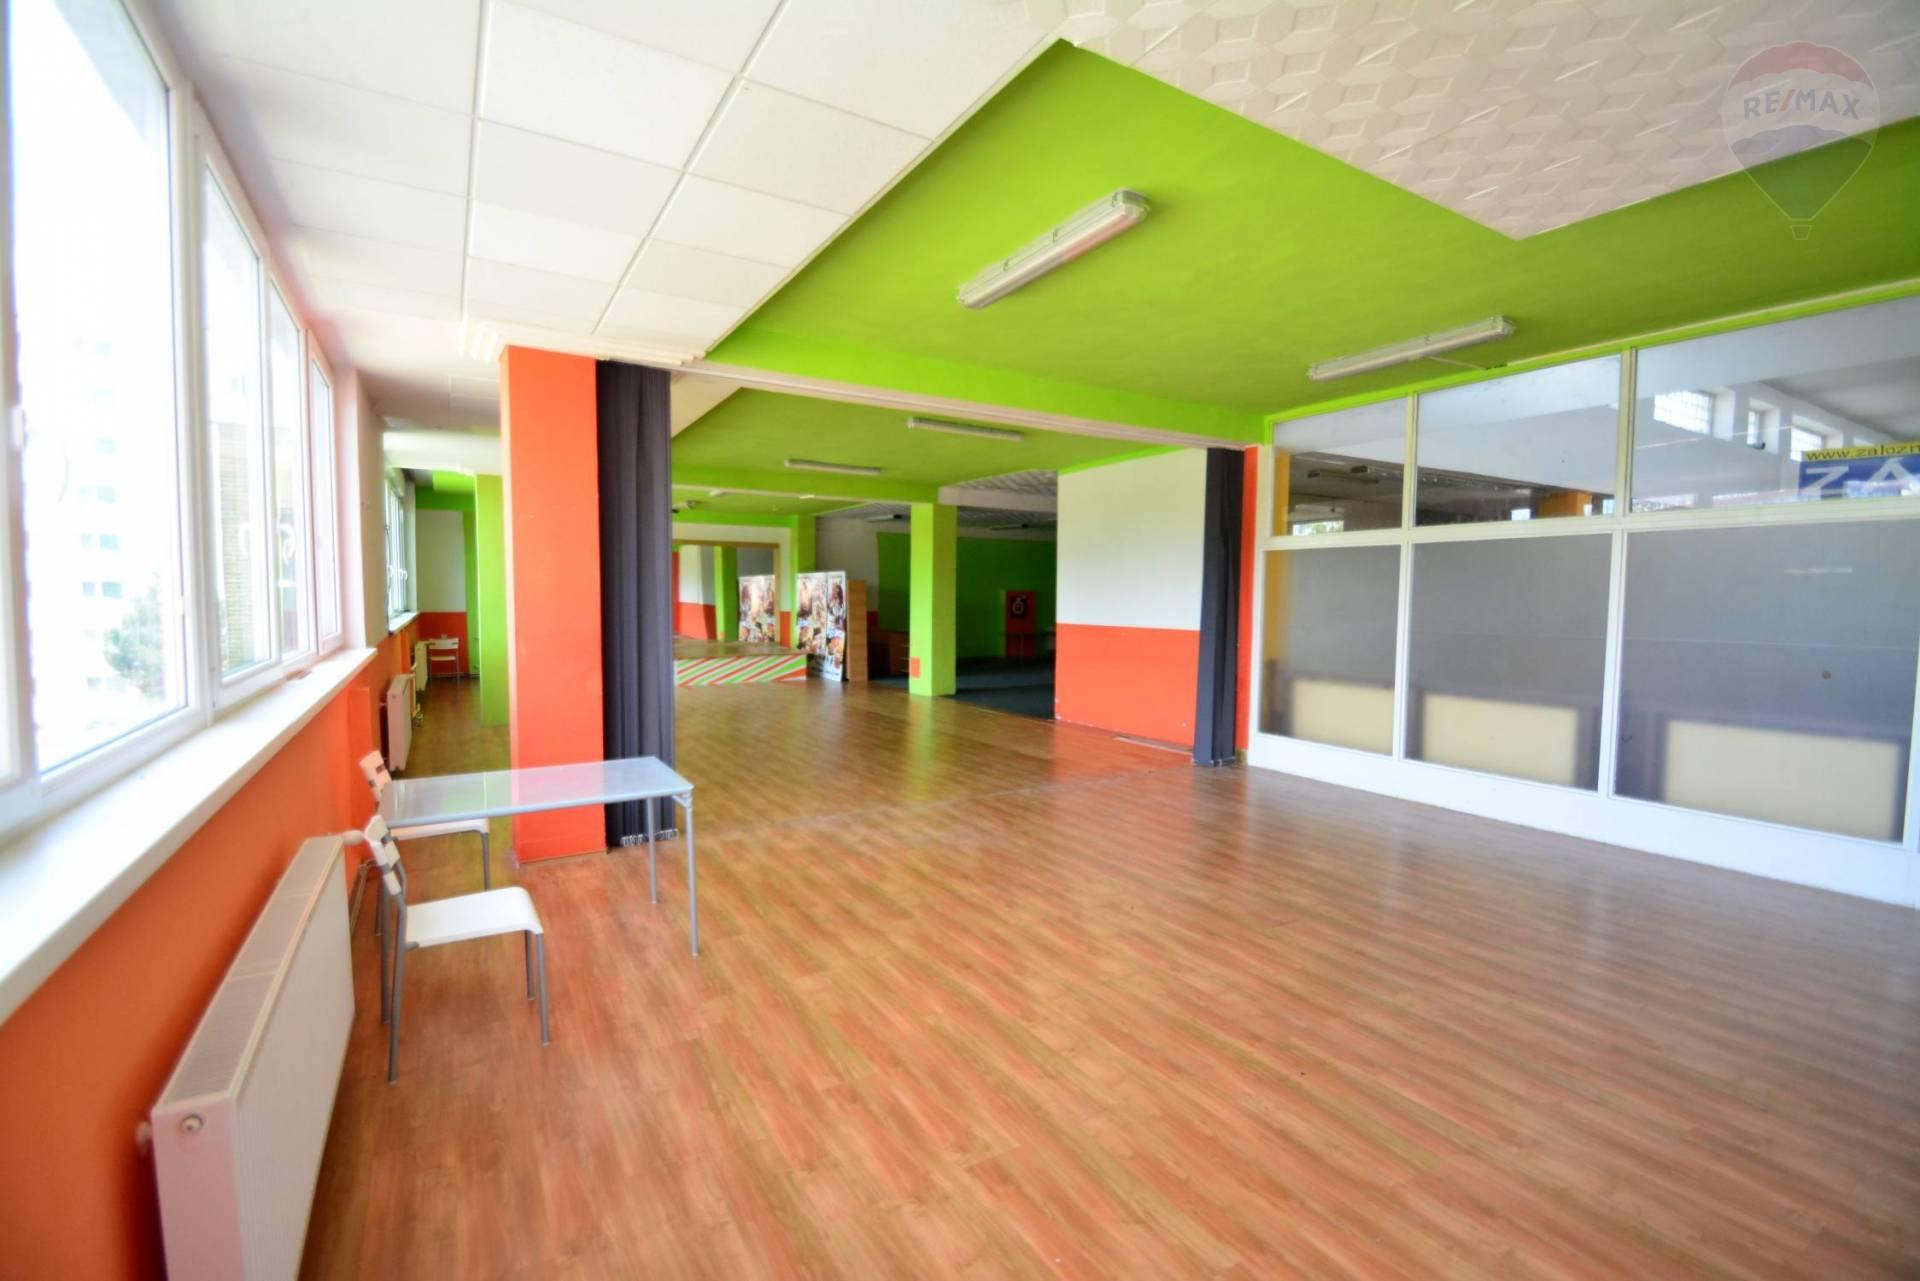 Predaj komerčného priestoru 299 m2, Poprad - Na predaj komerčný priestor, Poprad, Dostojevského, Výkrik